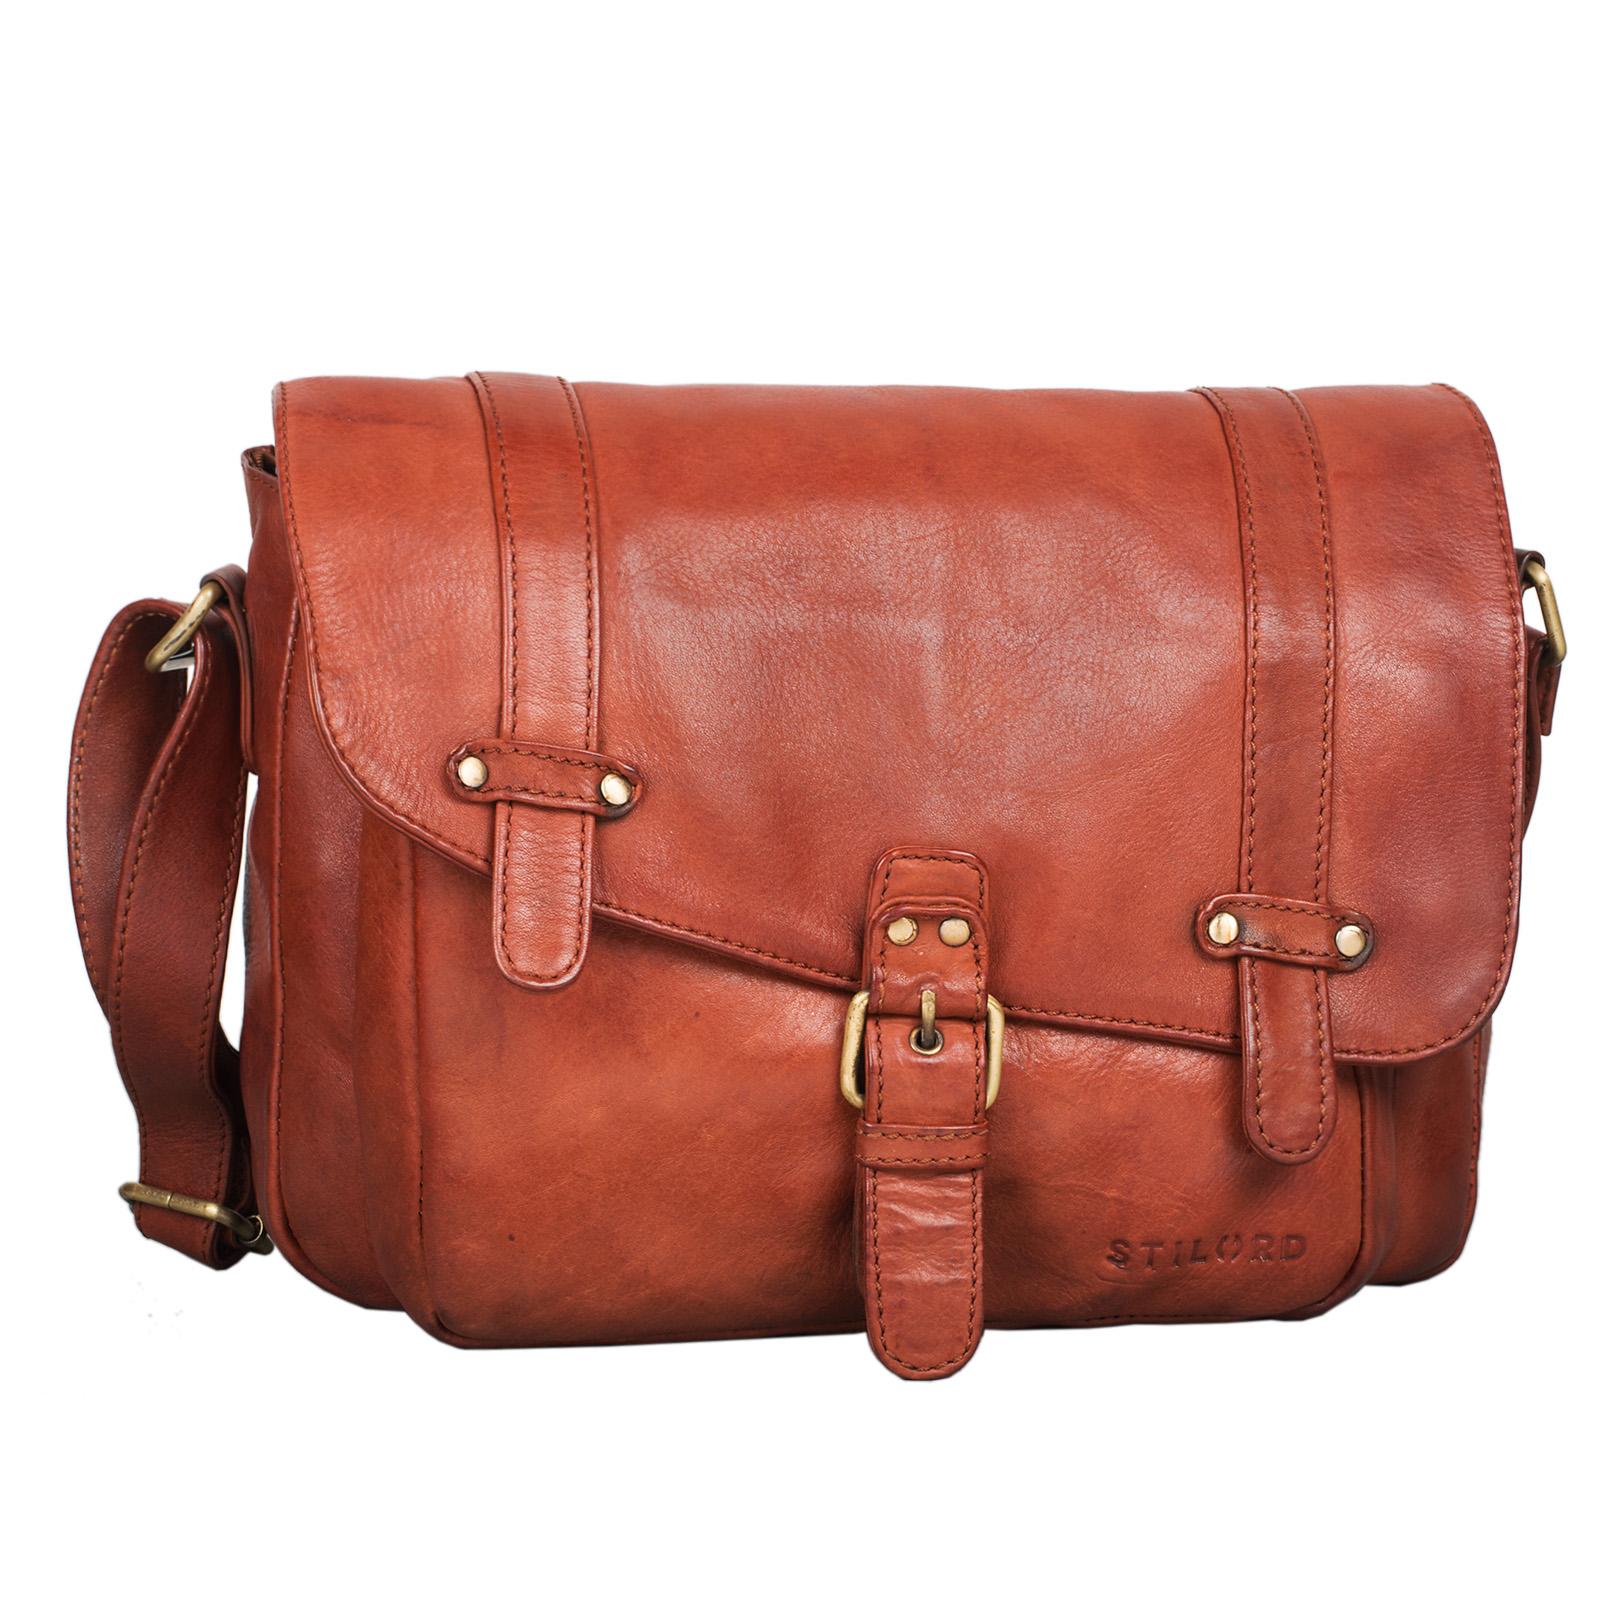 """STILORD """"Lara"""" Vintage Umhängetasche Damen klein Leder Handtasche zum Ausgehen Party Freizeit Umhängetasche Schultertasche 10.1 Zoll Tablettasche echtes Leder - Bild 16"""